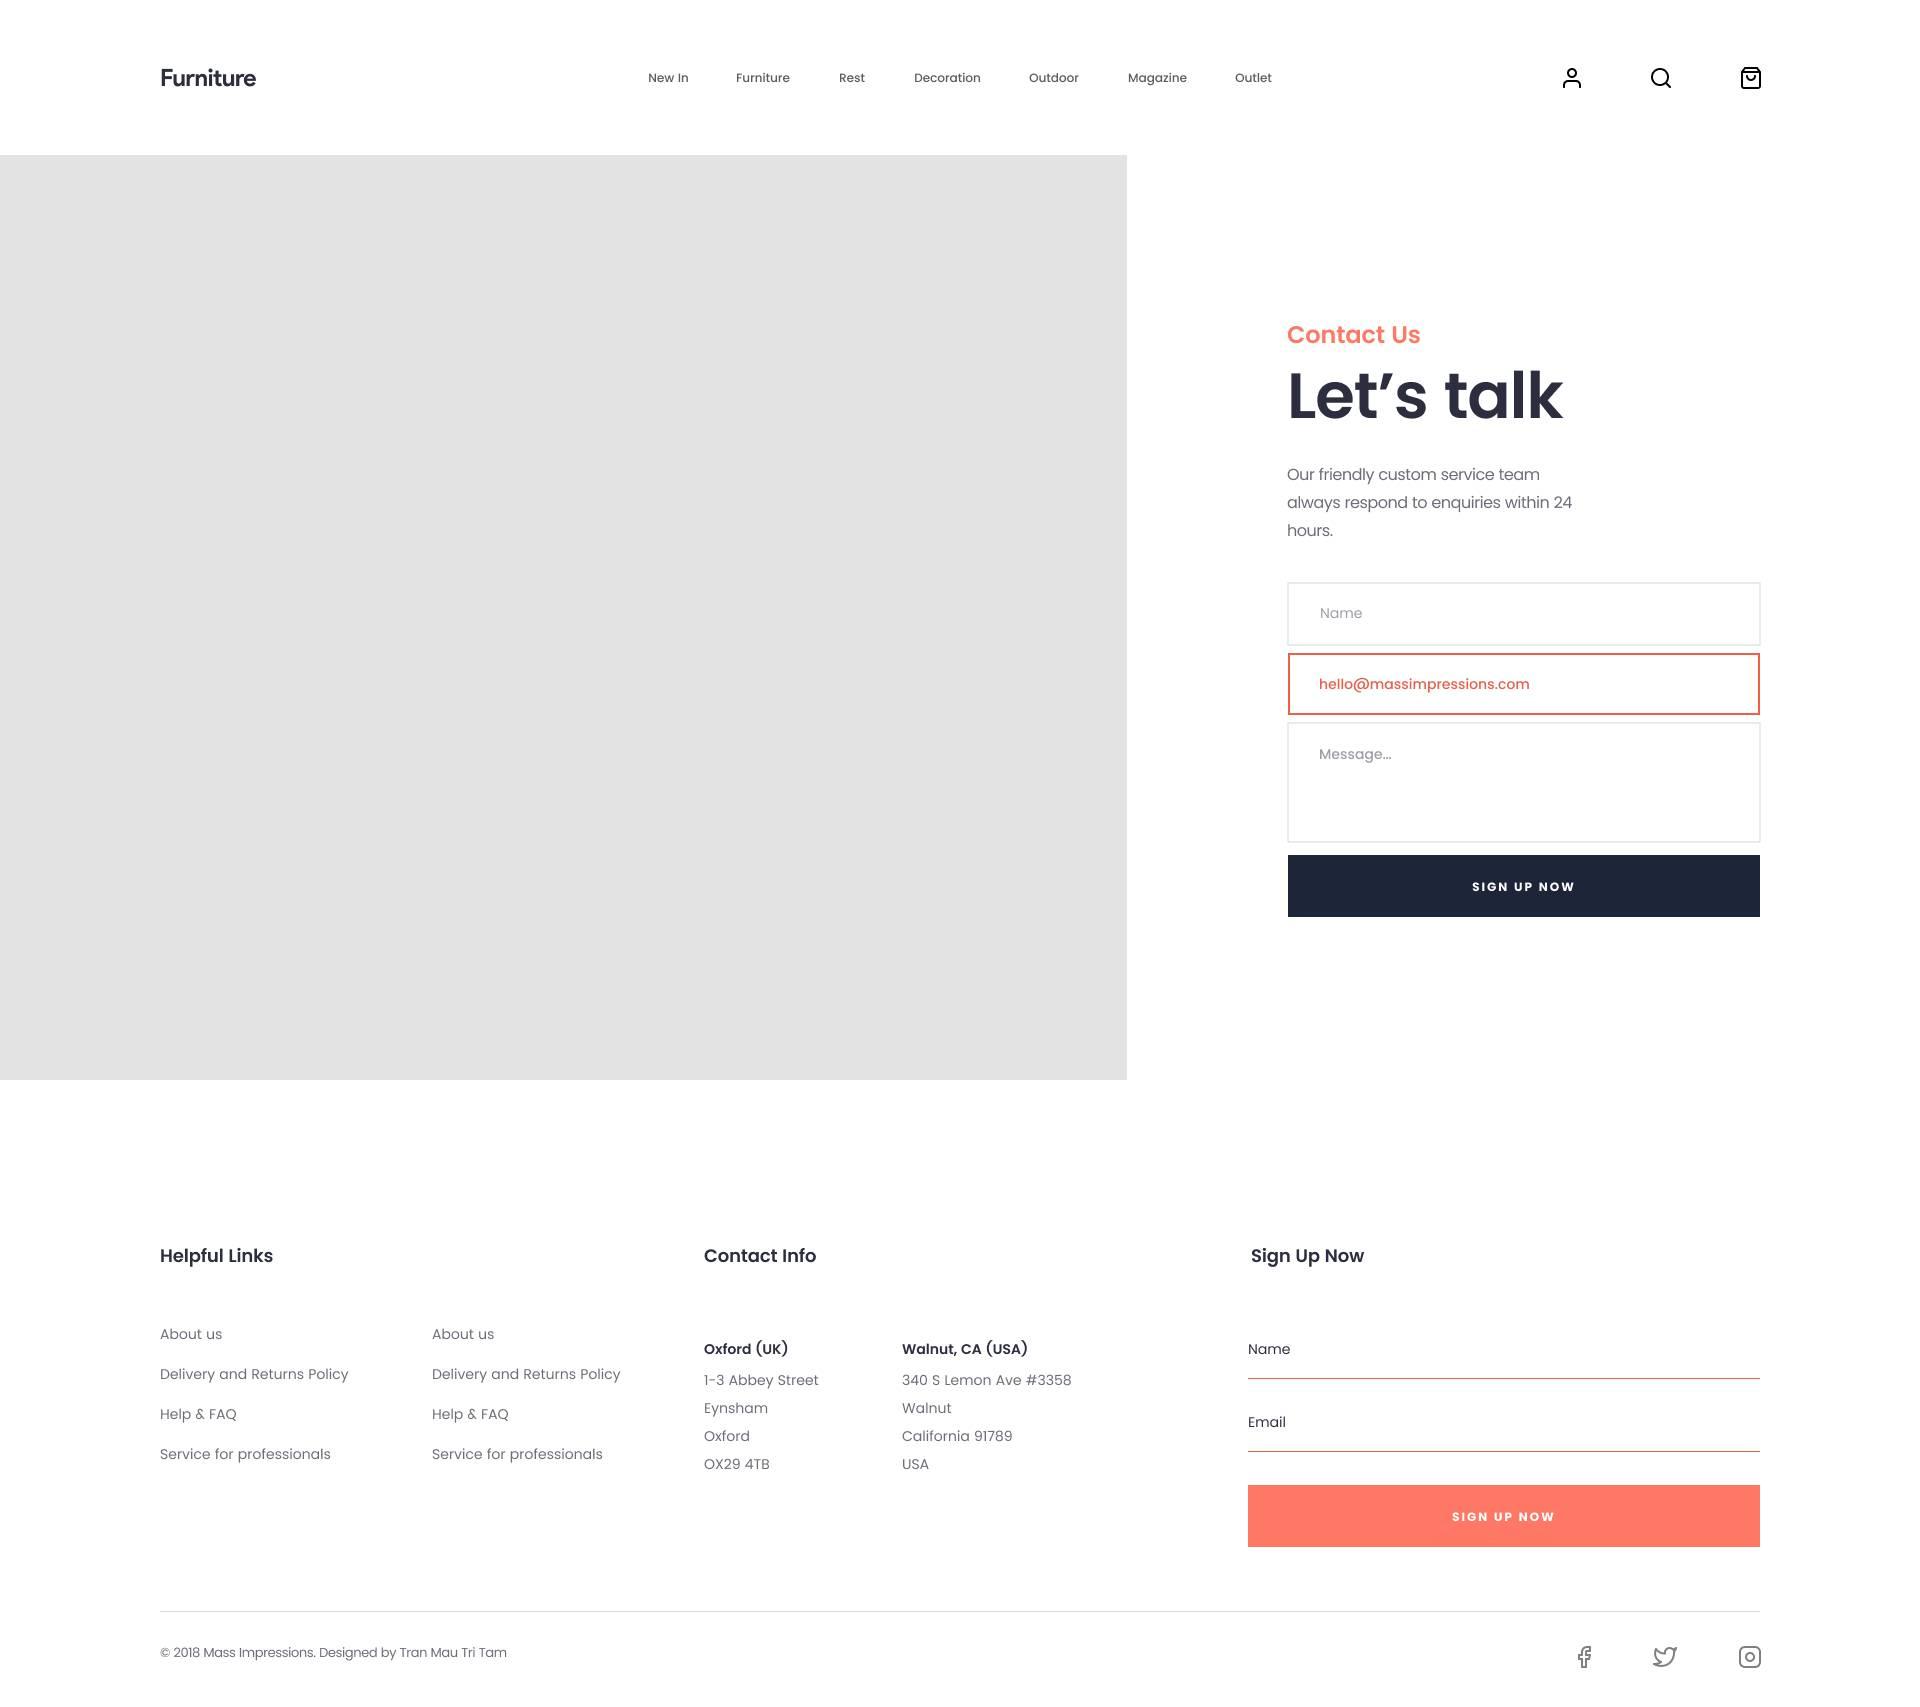 完整的家具网站页面模板.sketch素材下载 网页模板-第4张